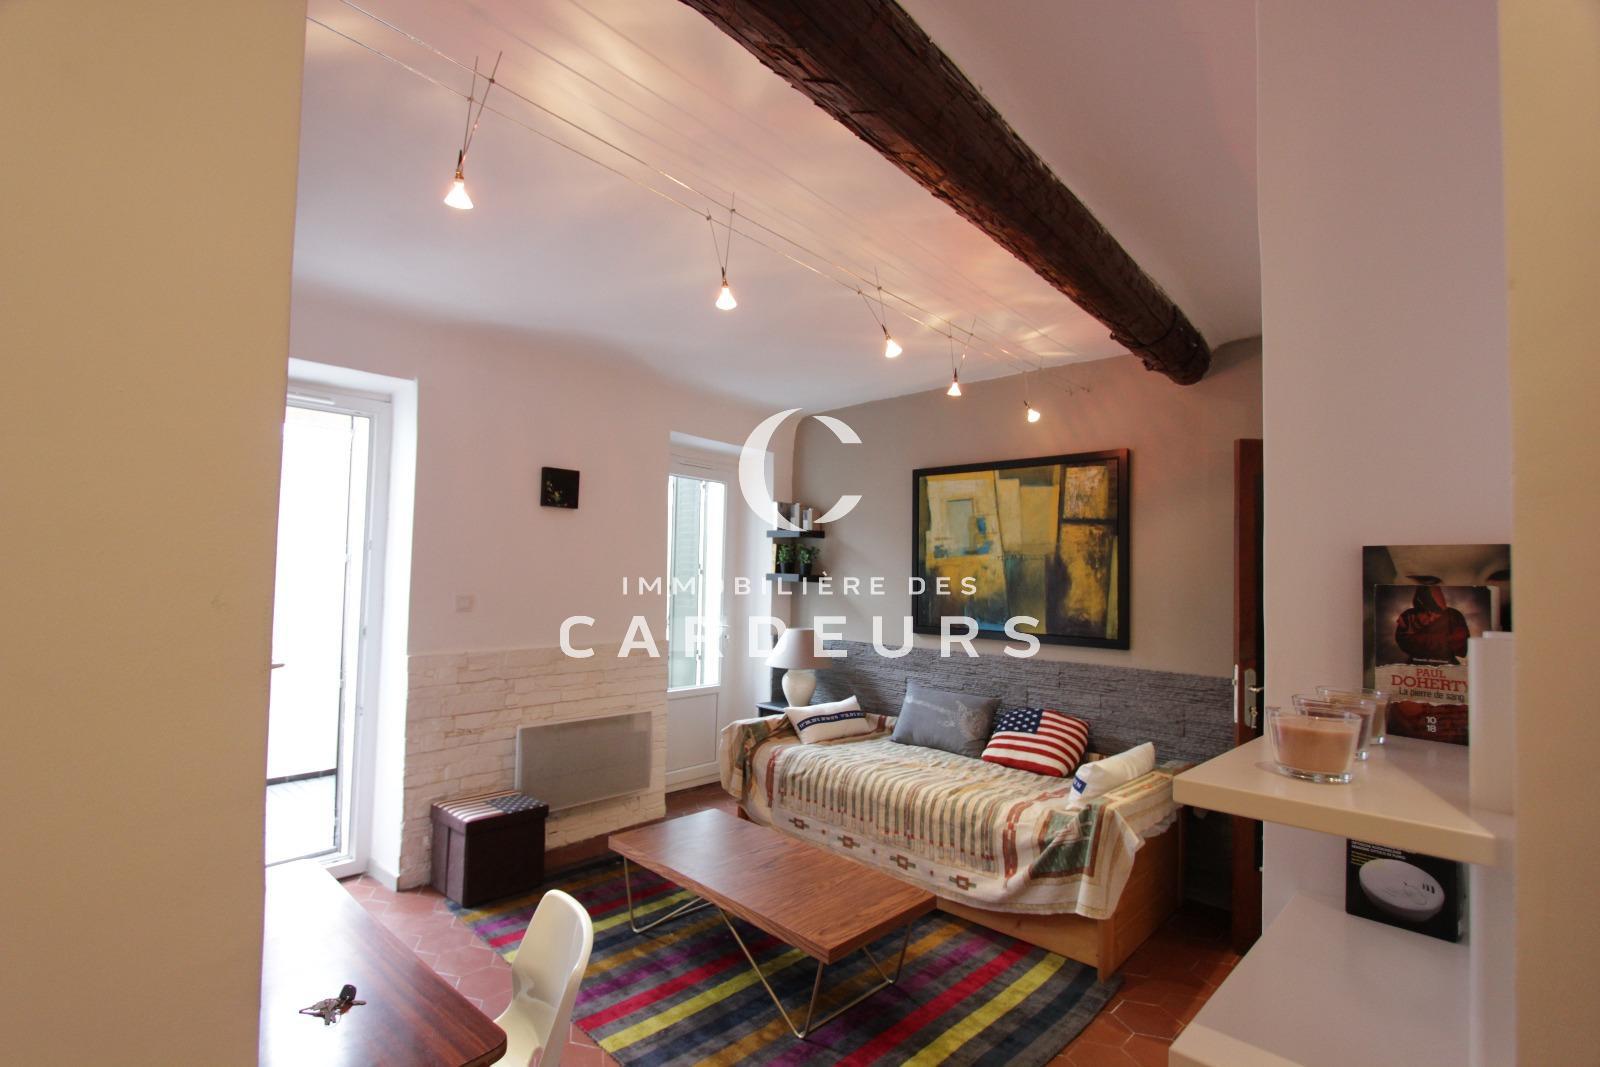 Location studio meubl aix en provence centre ville avec - Location studio meuble aix en provence ...